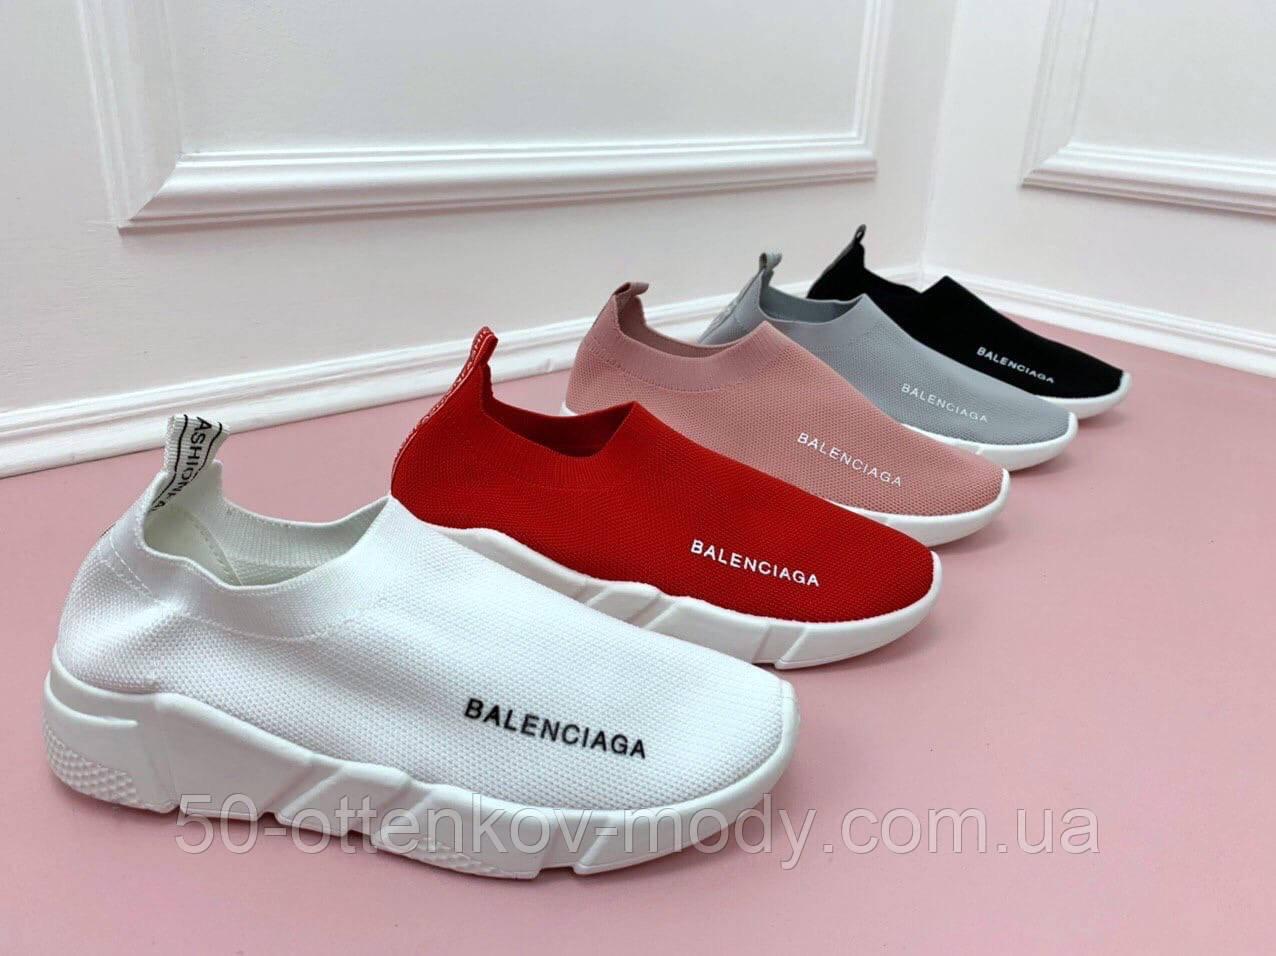 Жіночі кросівки Balenciaga